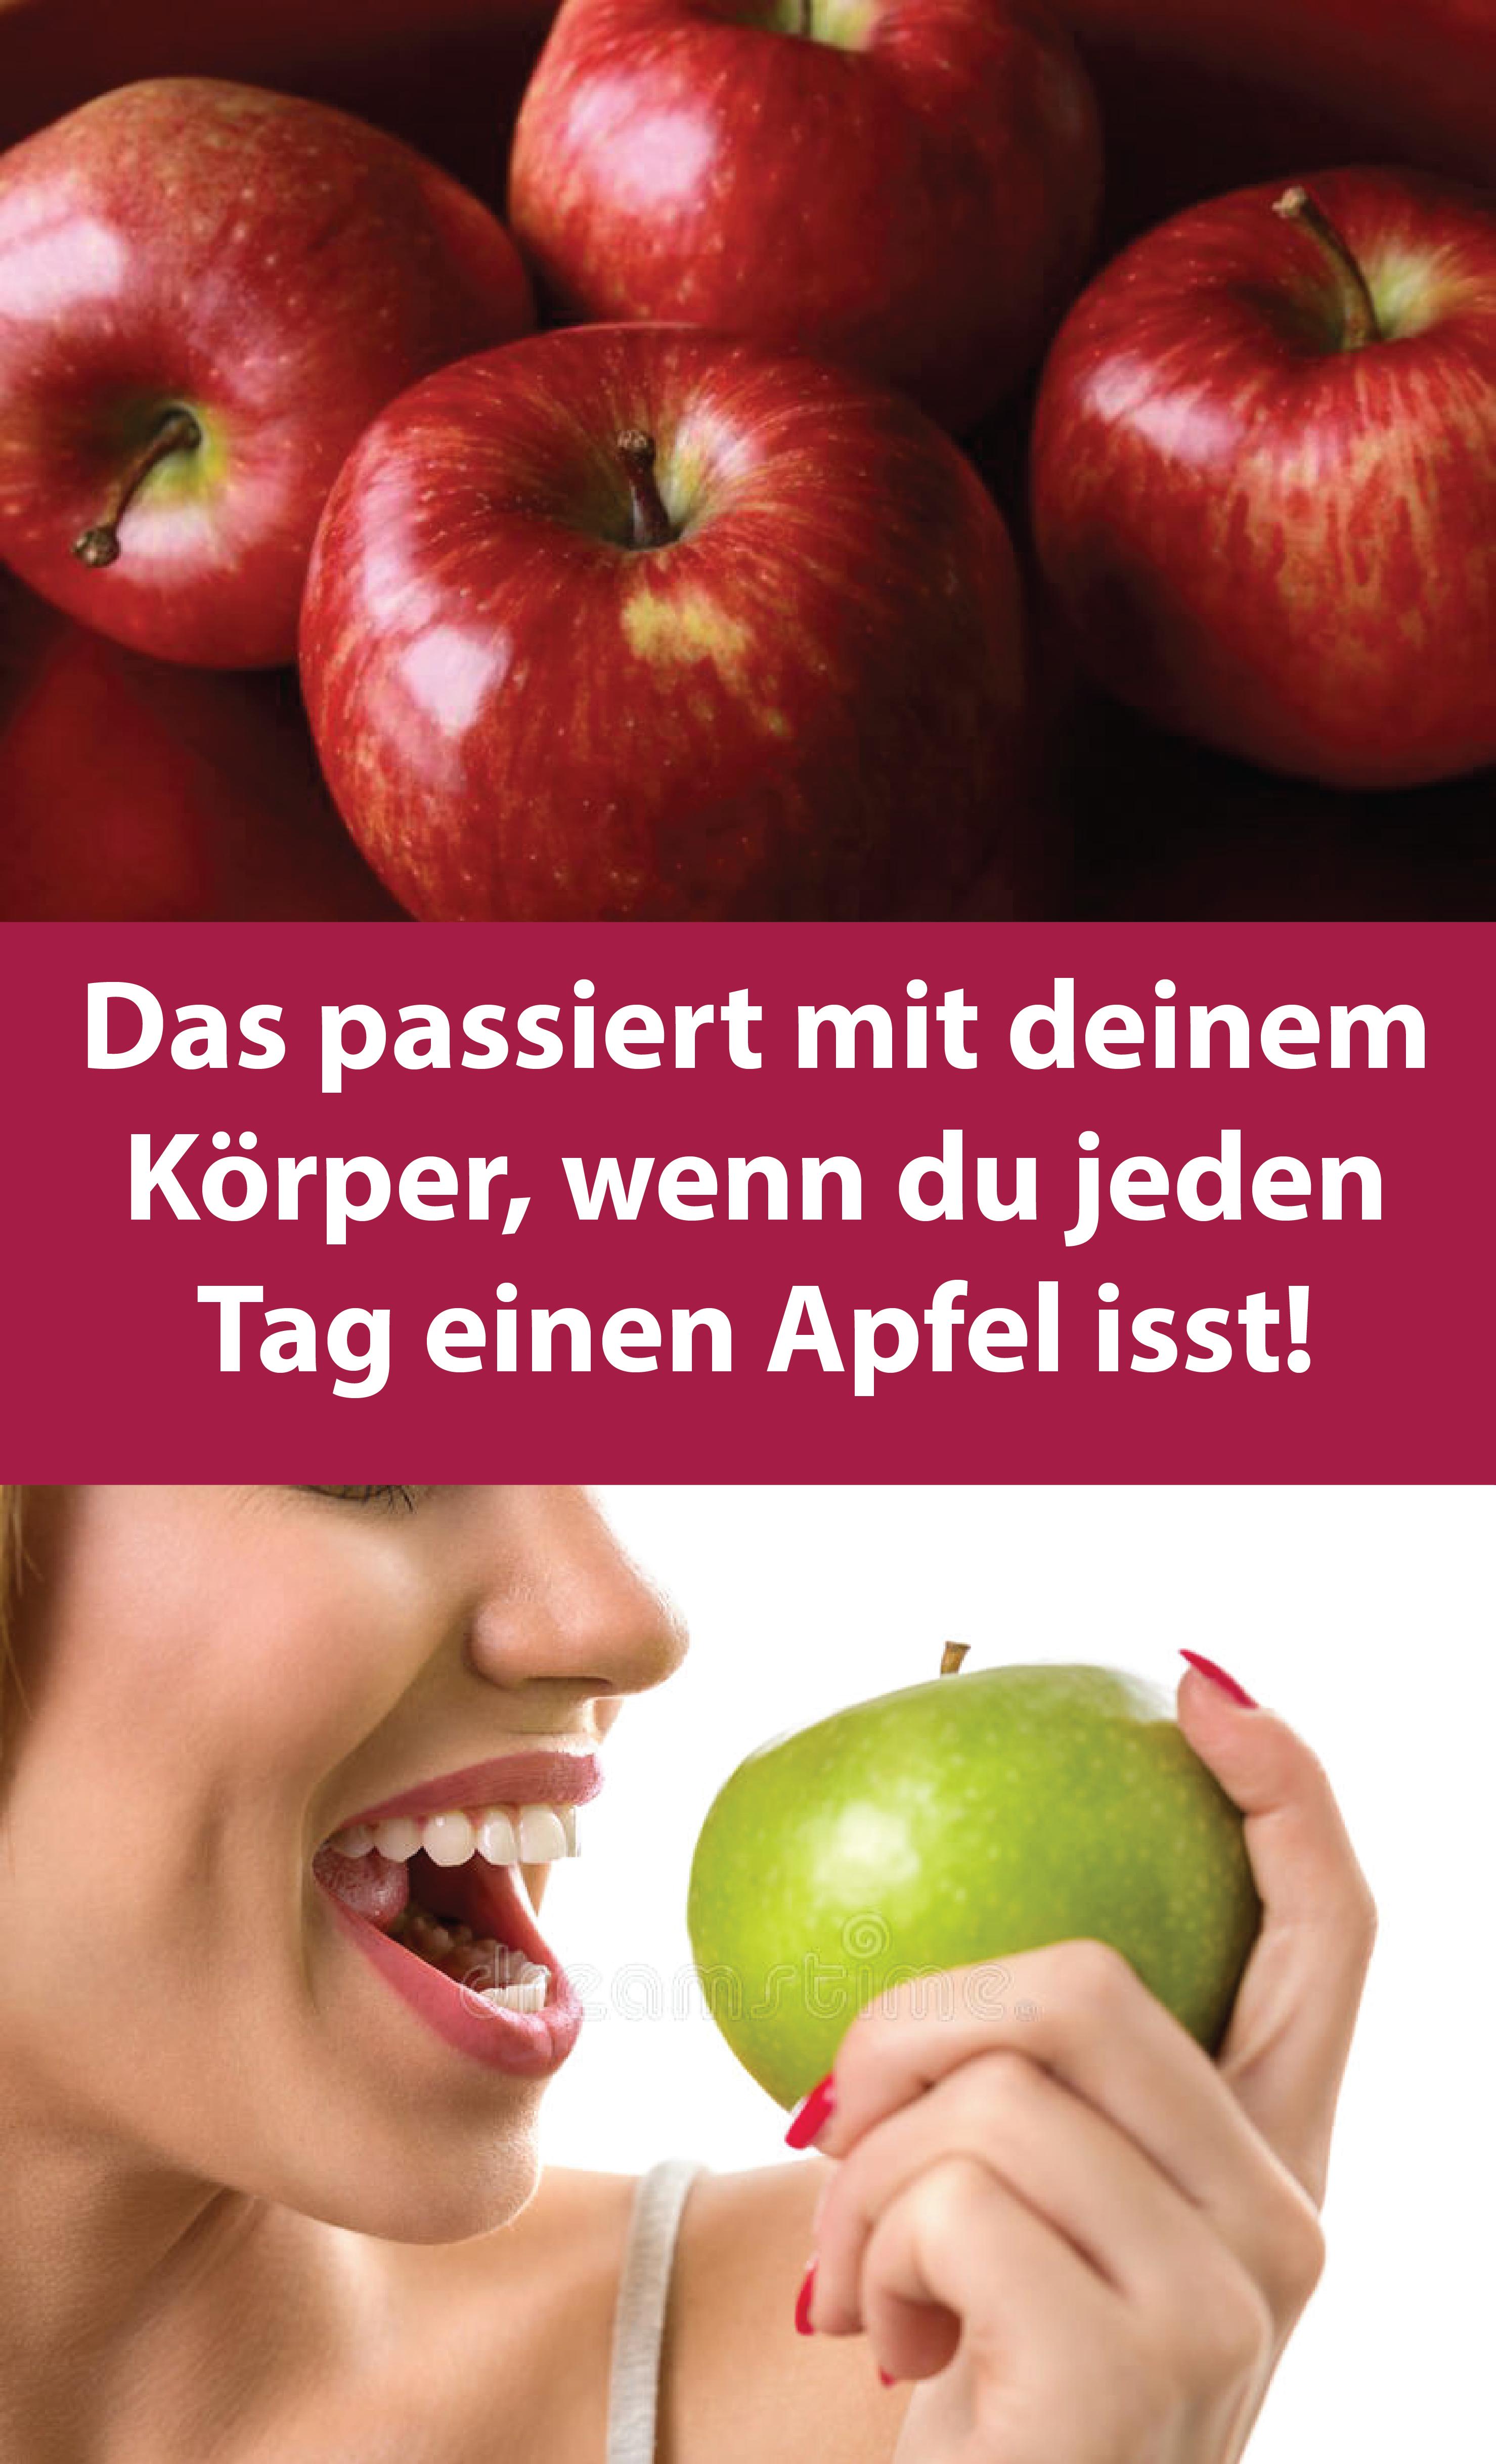 Das passiert mit deinem Körper, wenn du jeden Tag einen Apfel isst!